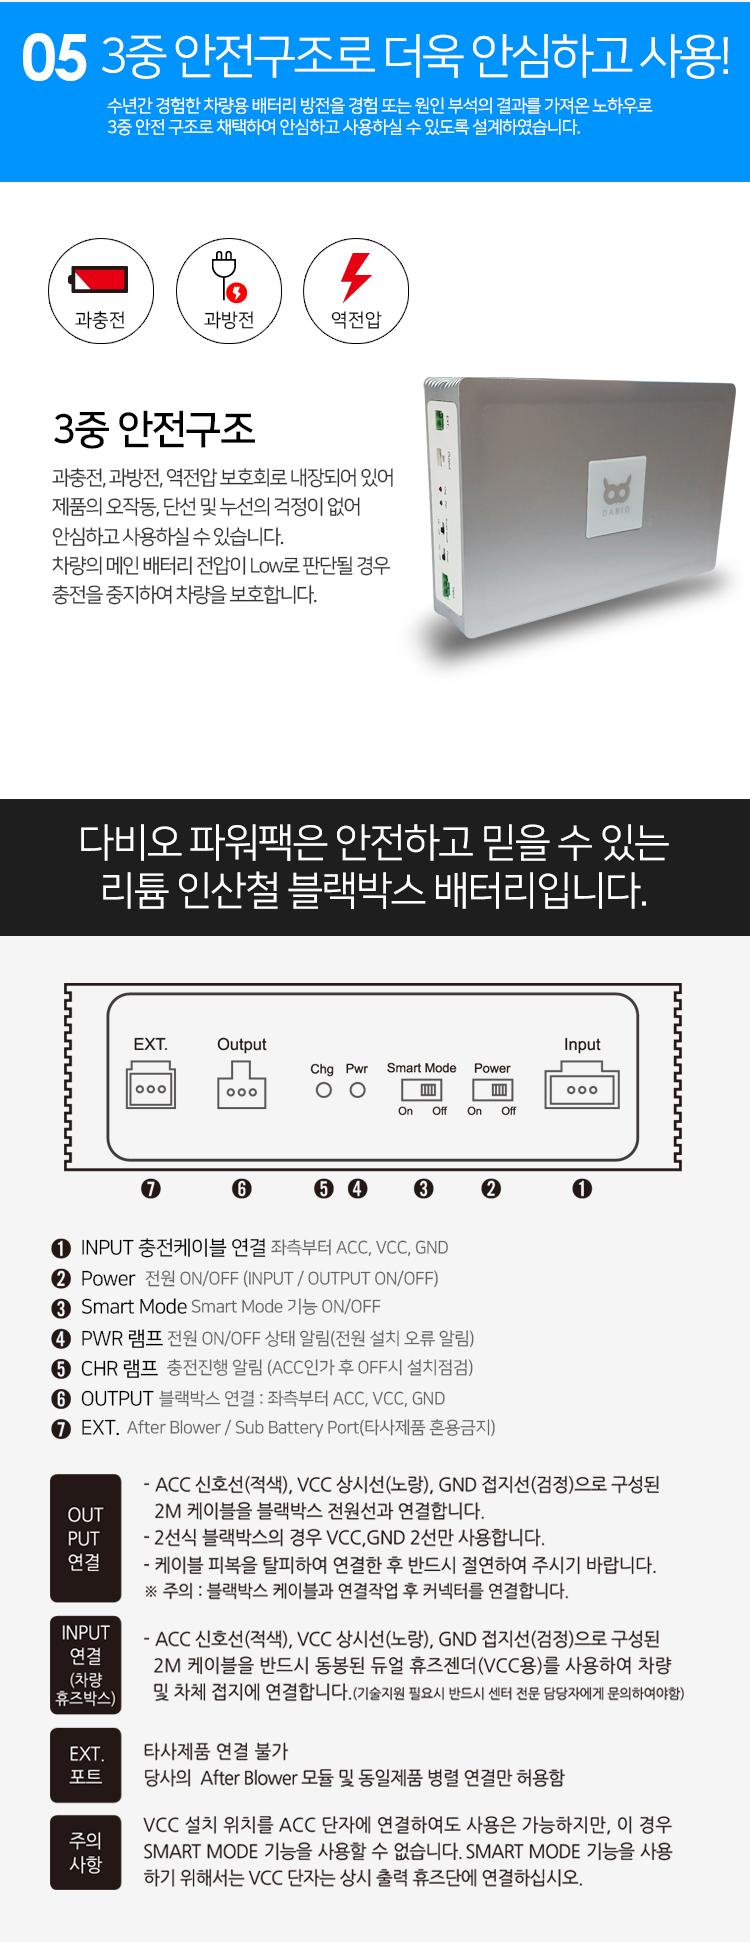 powerpack12A_8.jpg